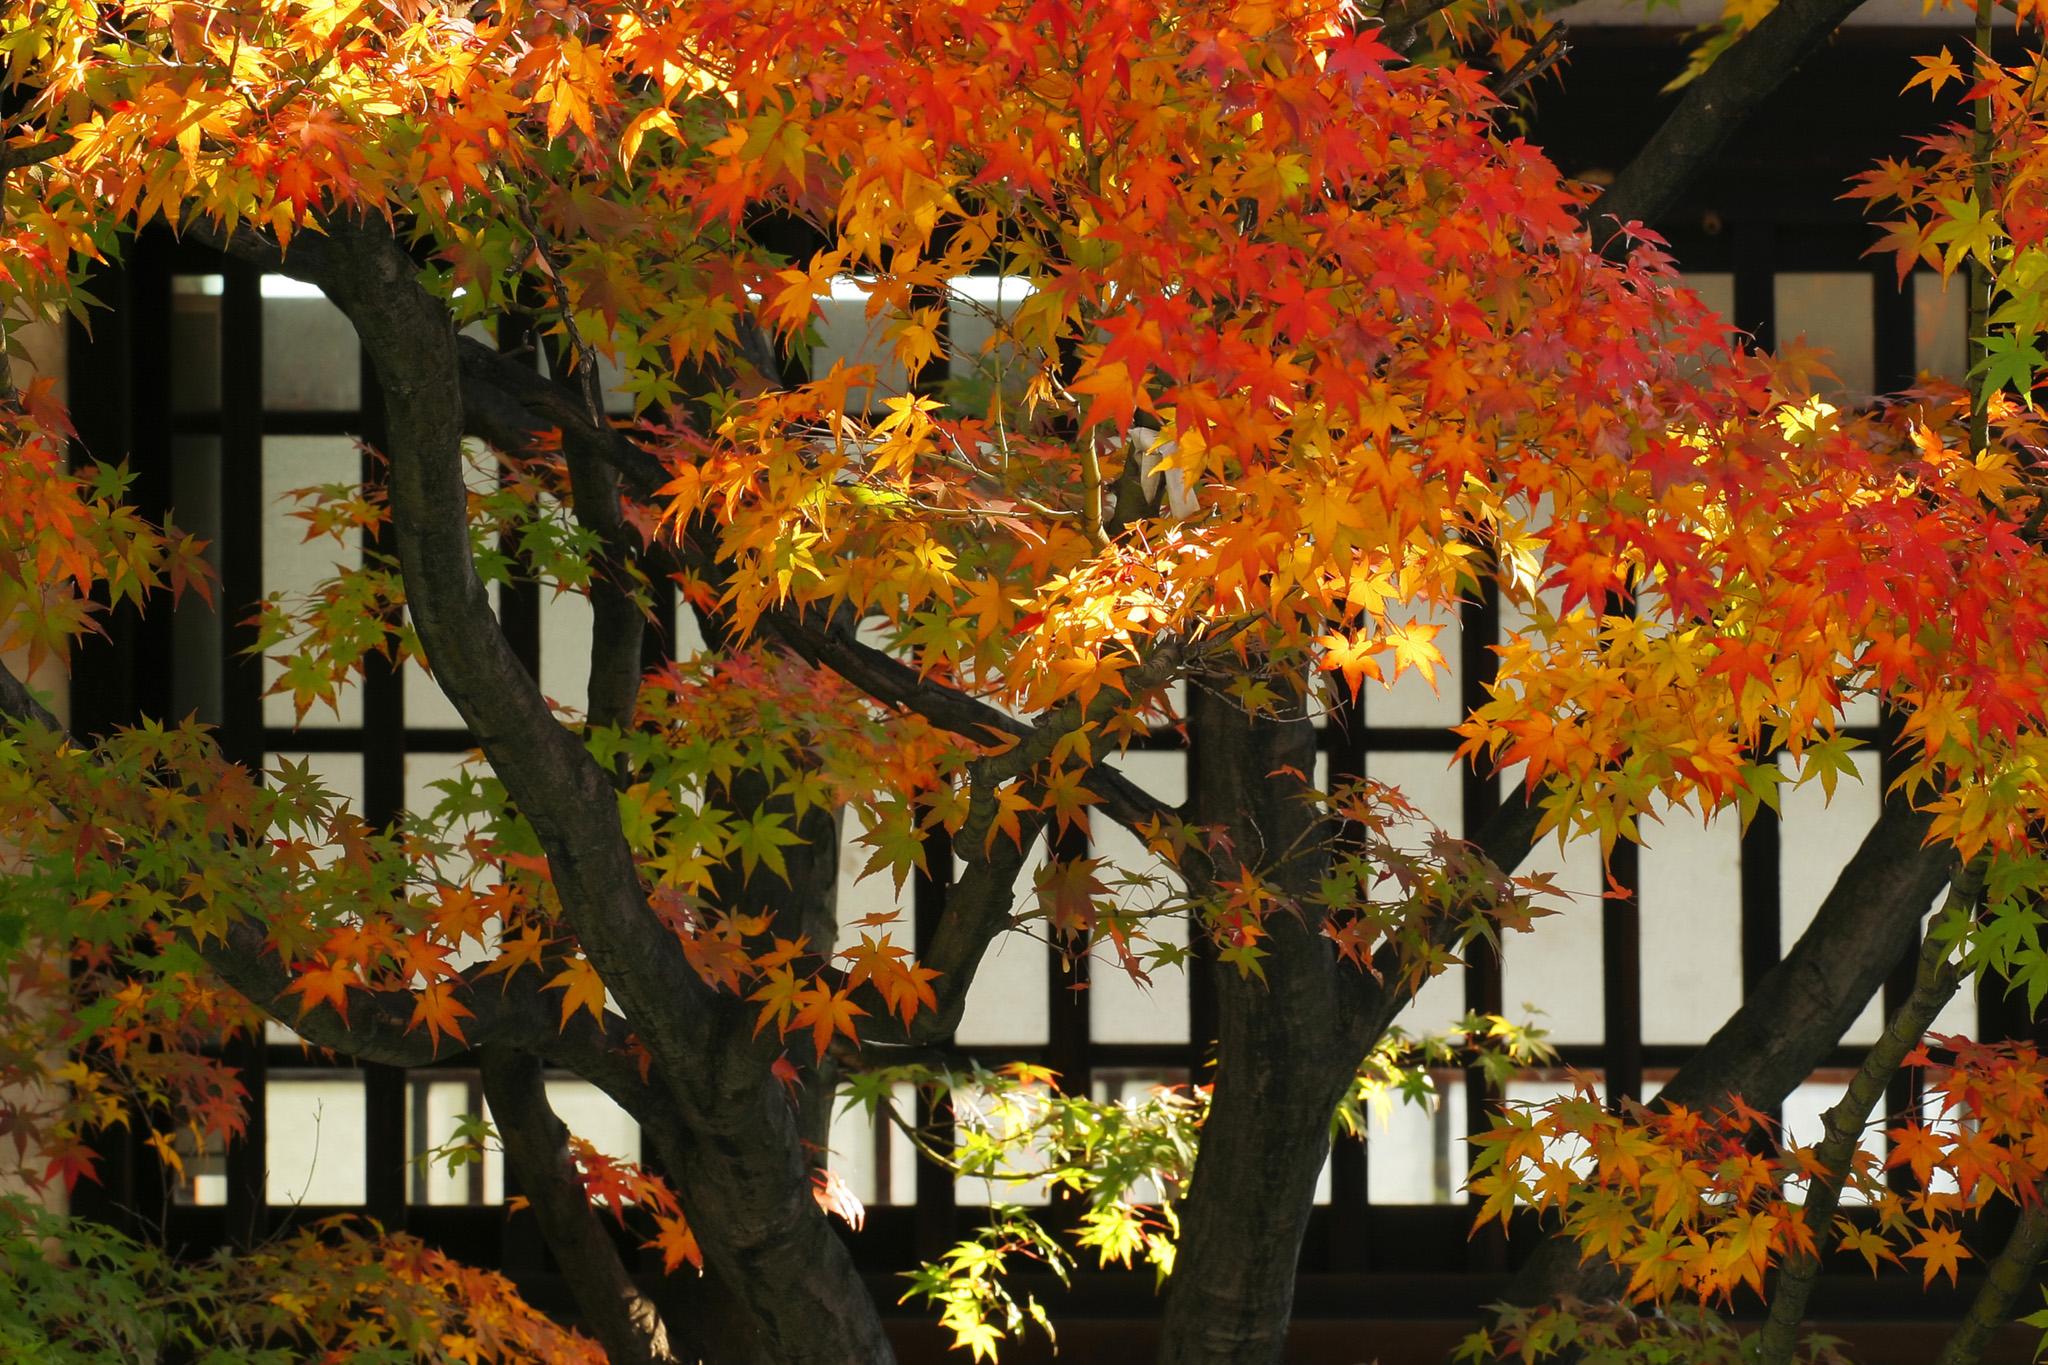 「黄葉と格子窓の和風背景」の素材を無料ダウンロード